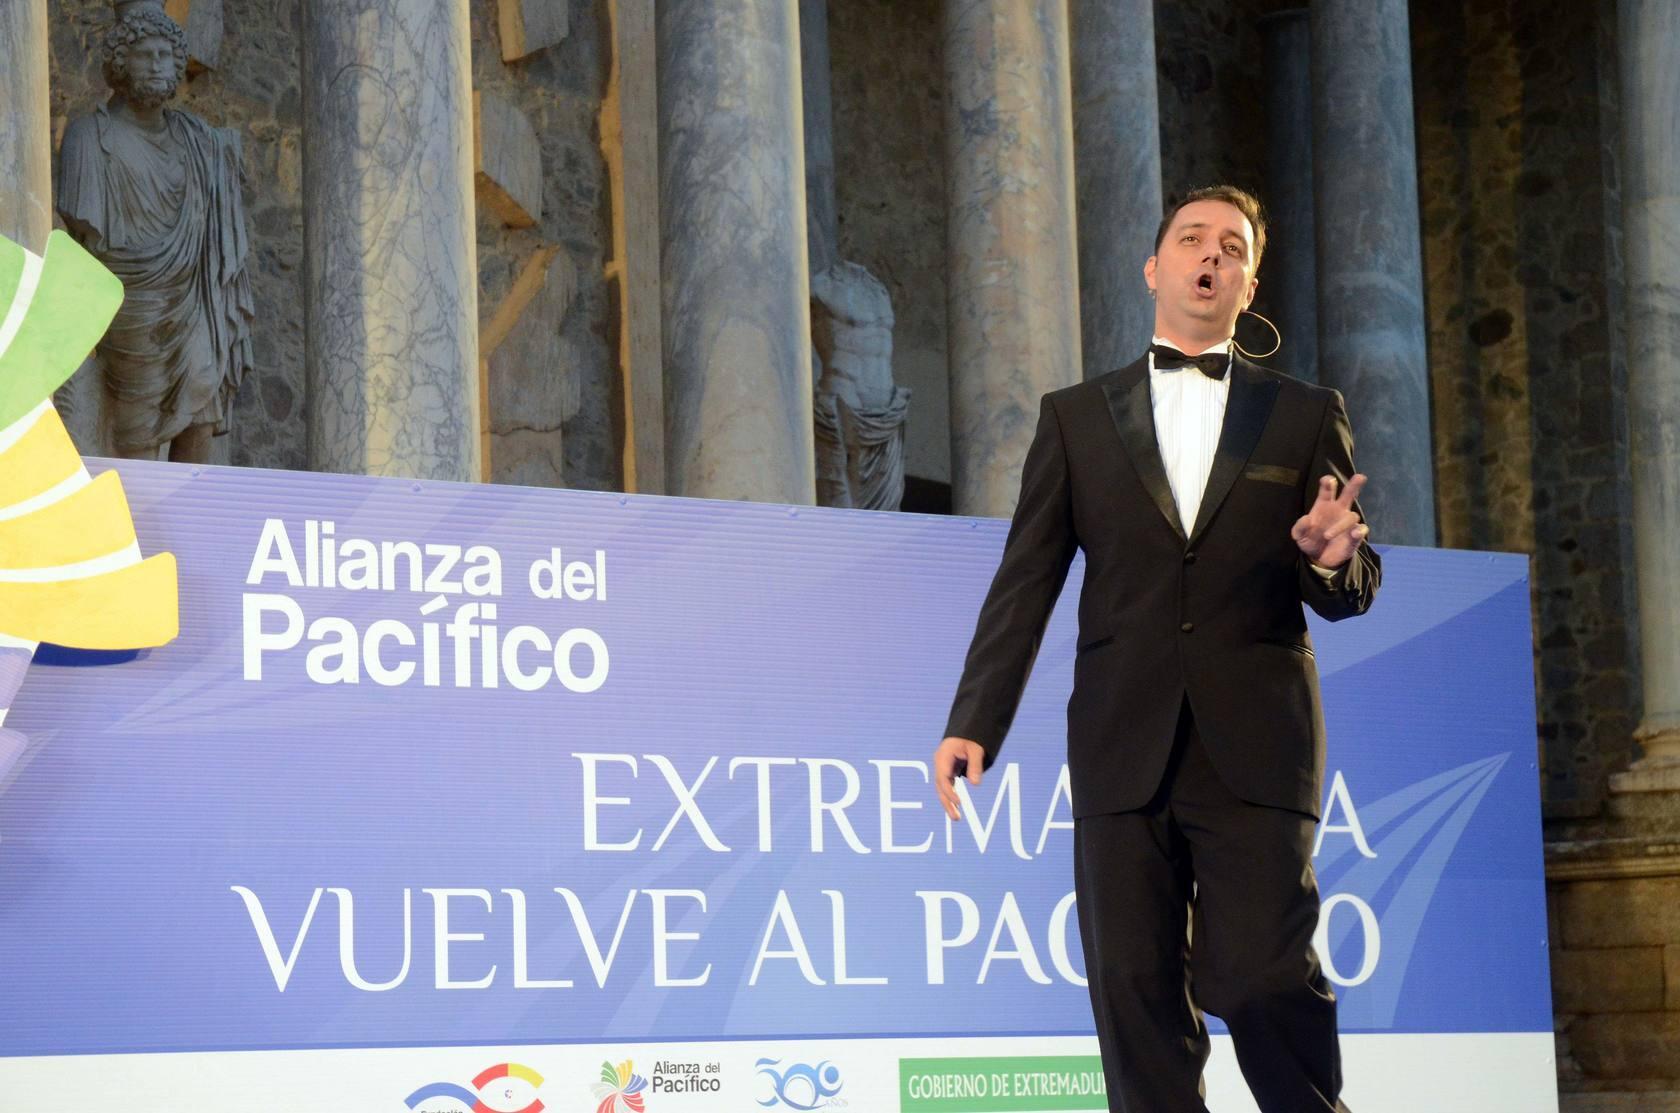 Gala lírica en el Teatro Romano por la Alianza del Pacífico